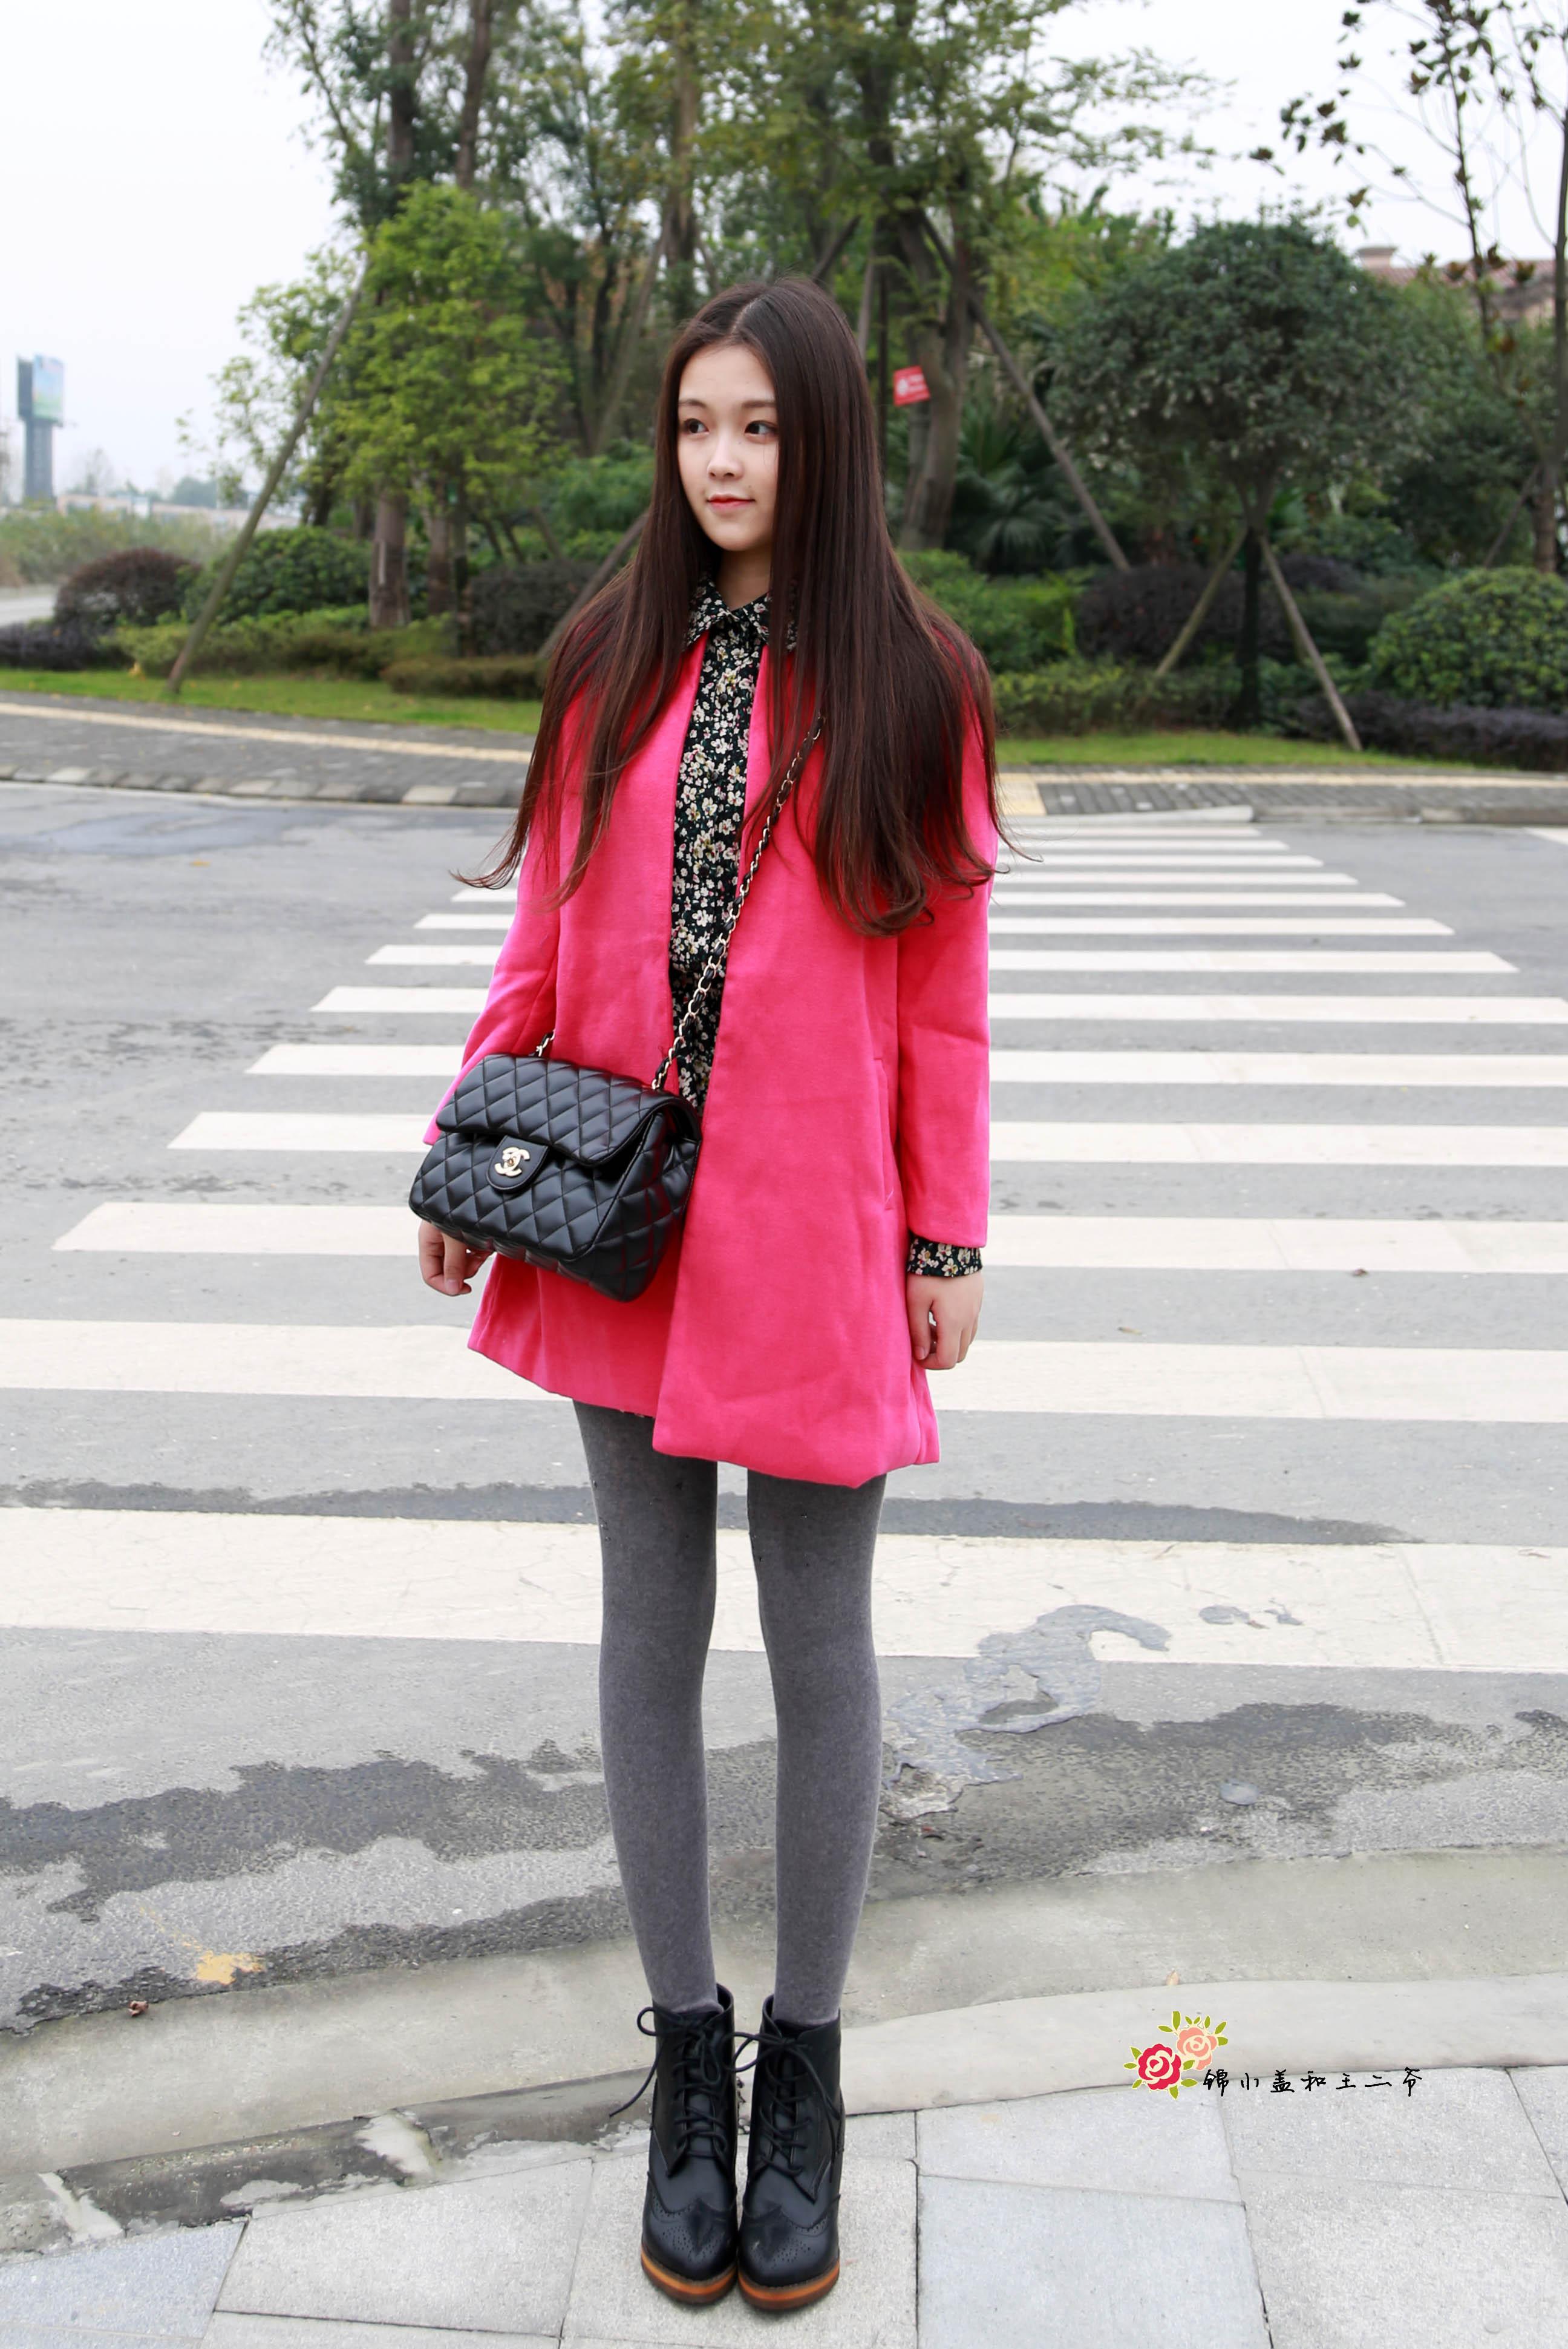 玫红色的外套搭配碎花连衣裙